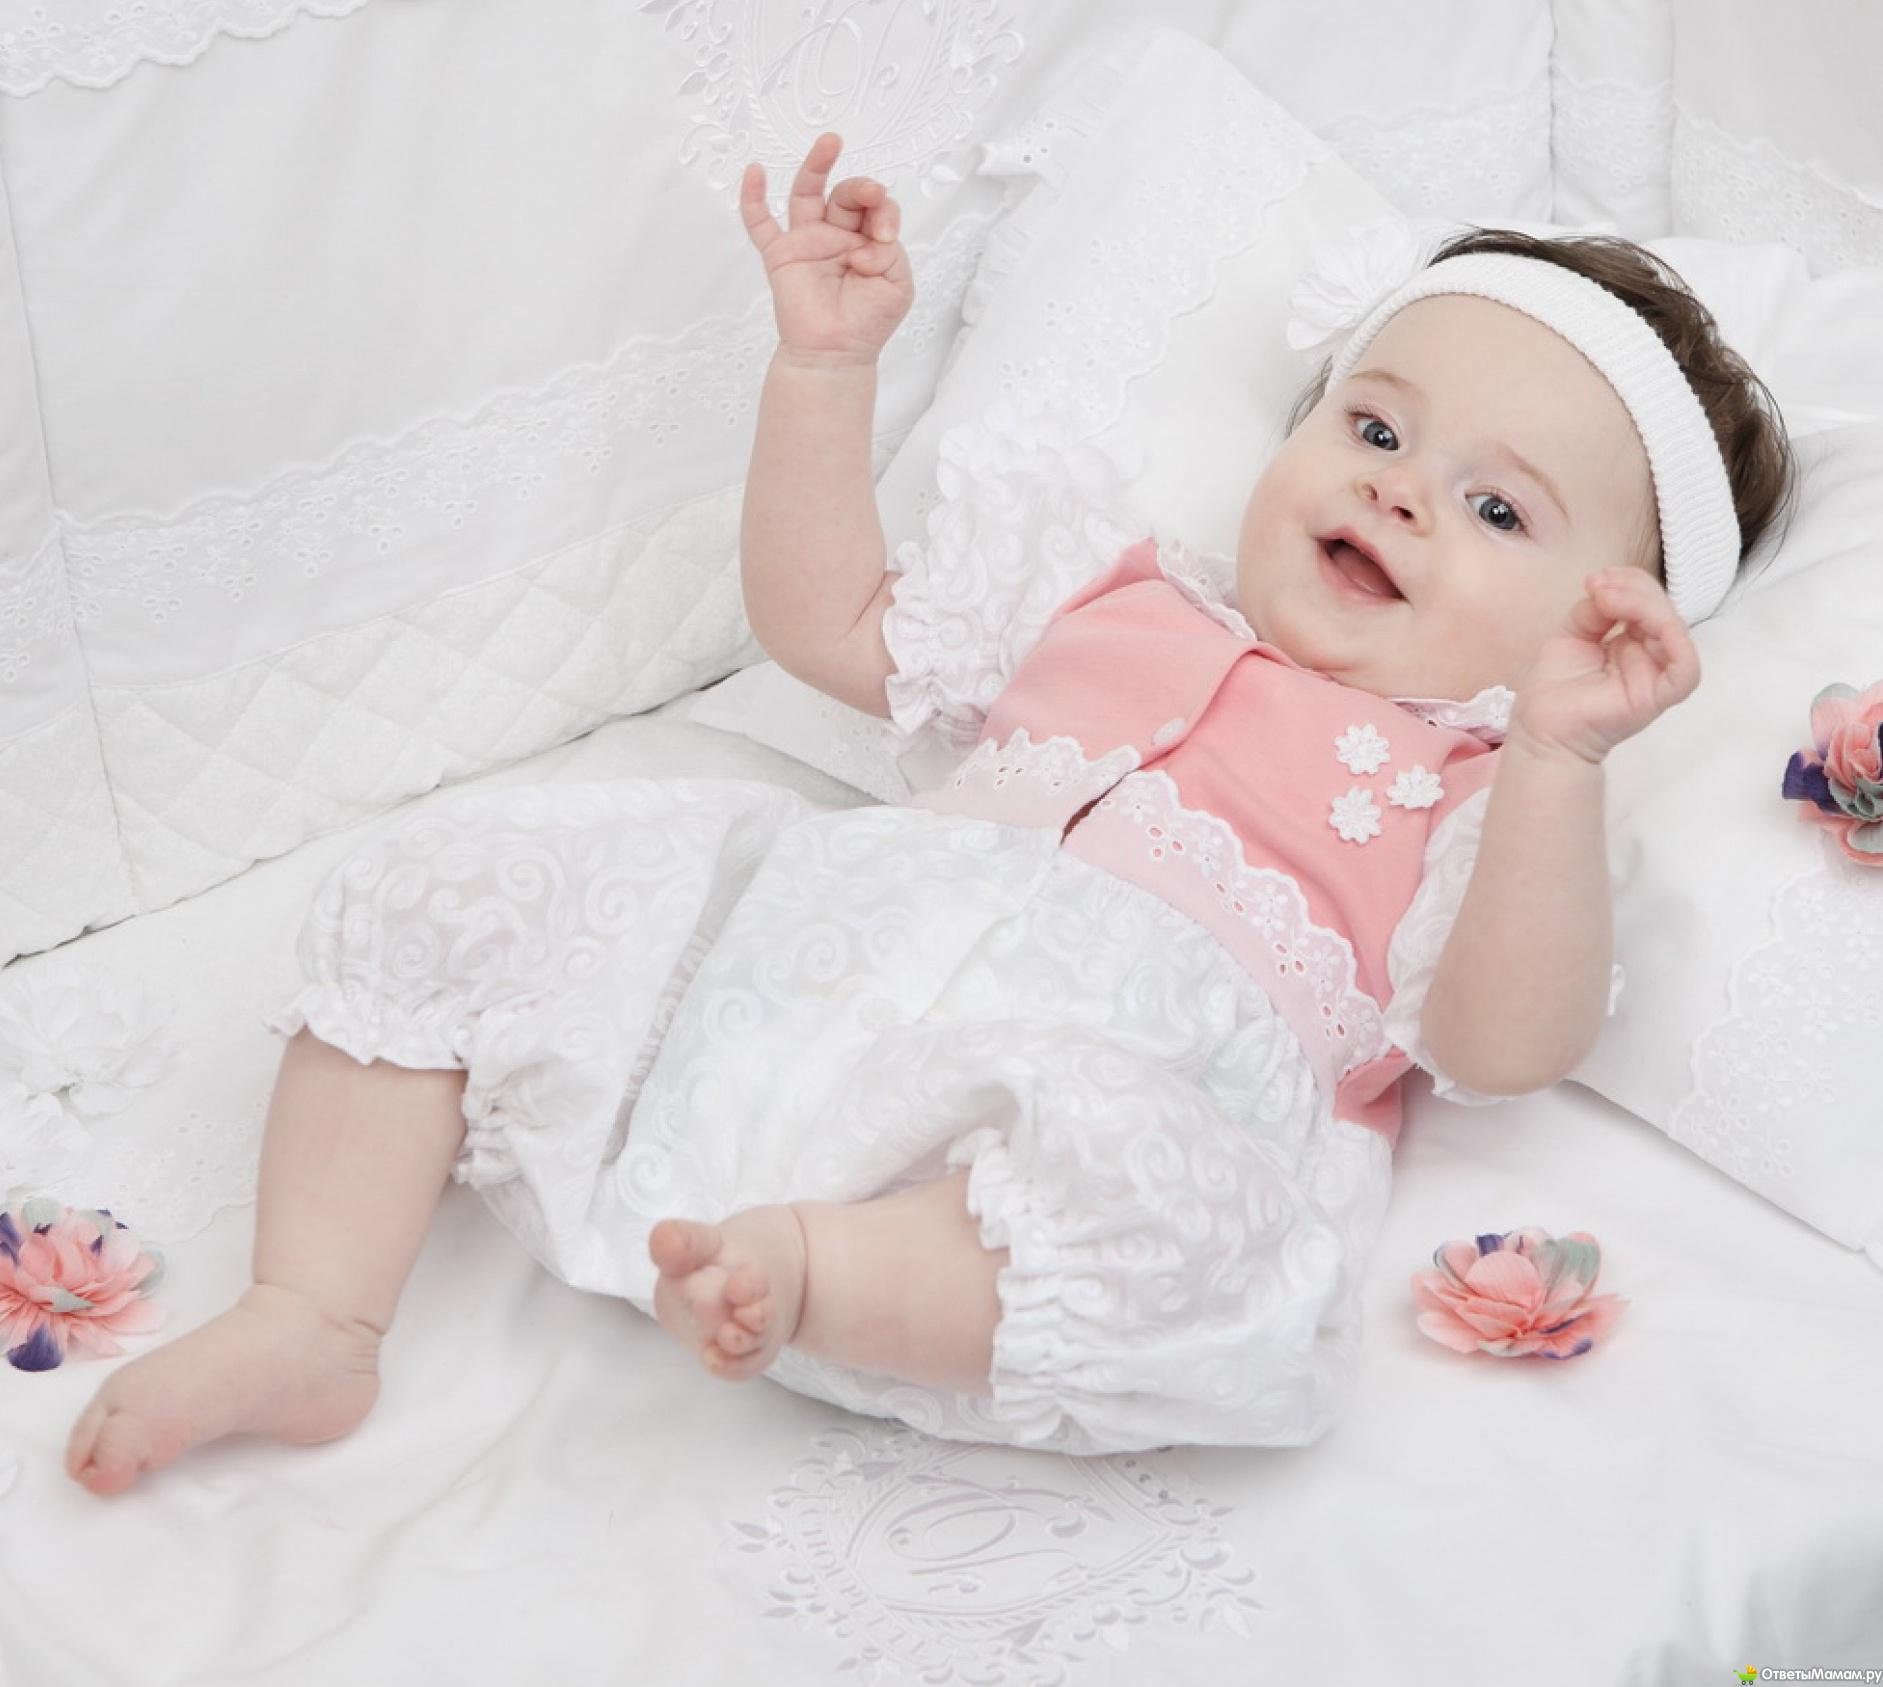 Фото ребенка от 1 до 12 месяцев